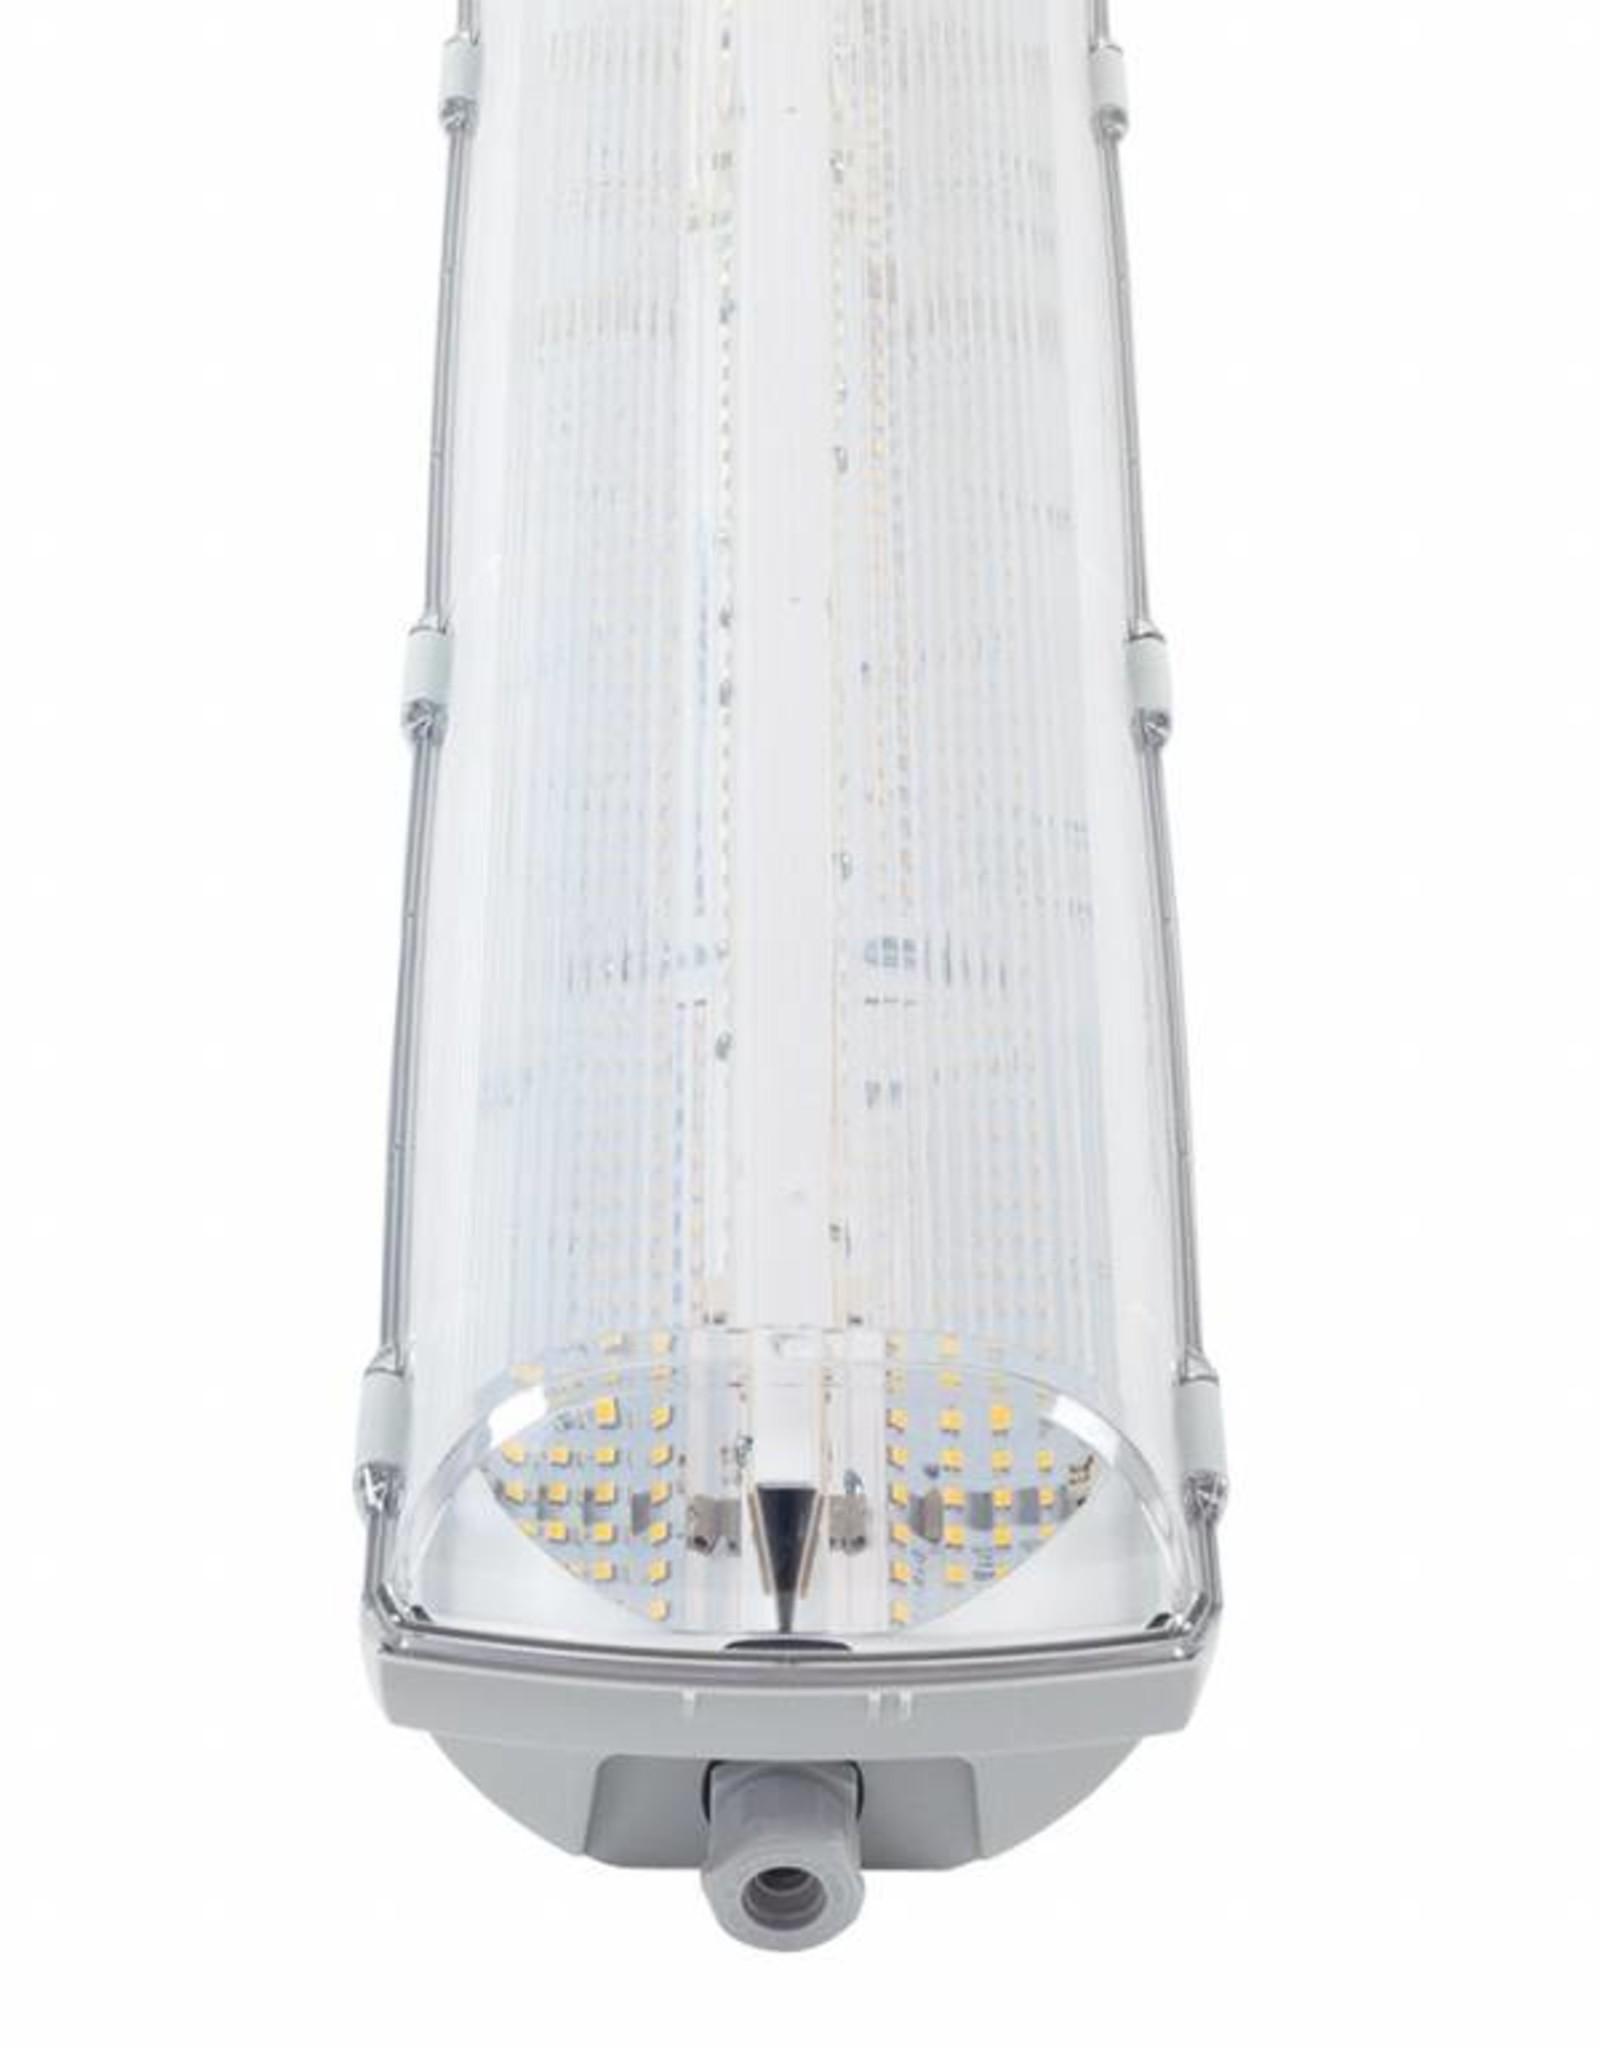 FUTURA NB 2.5ft PCc Al 11000/840 M3h